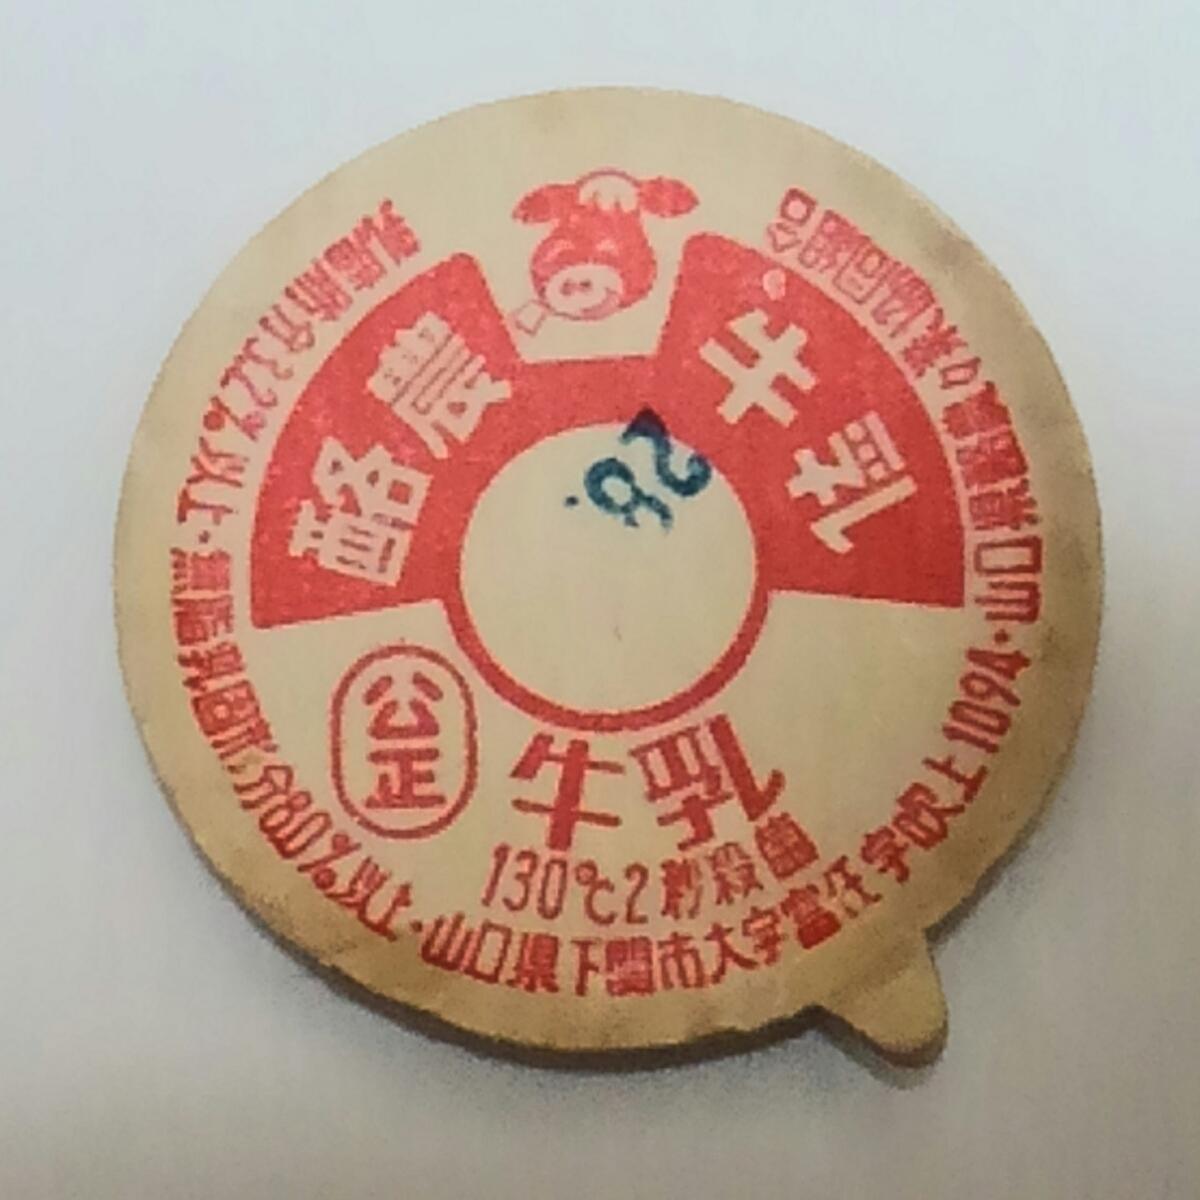 【牛乳キャップ】約40年前の牛乳ビンのキャップ 酪農牛乳 山口県/山口酪農々業協同組合